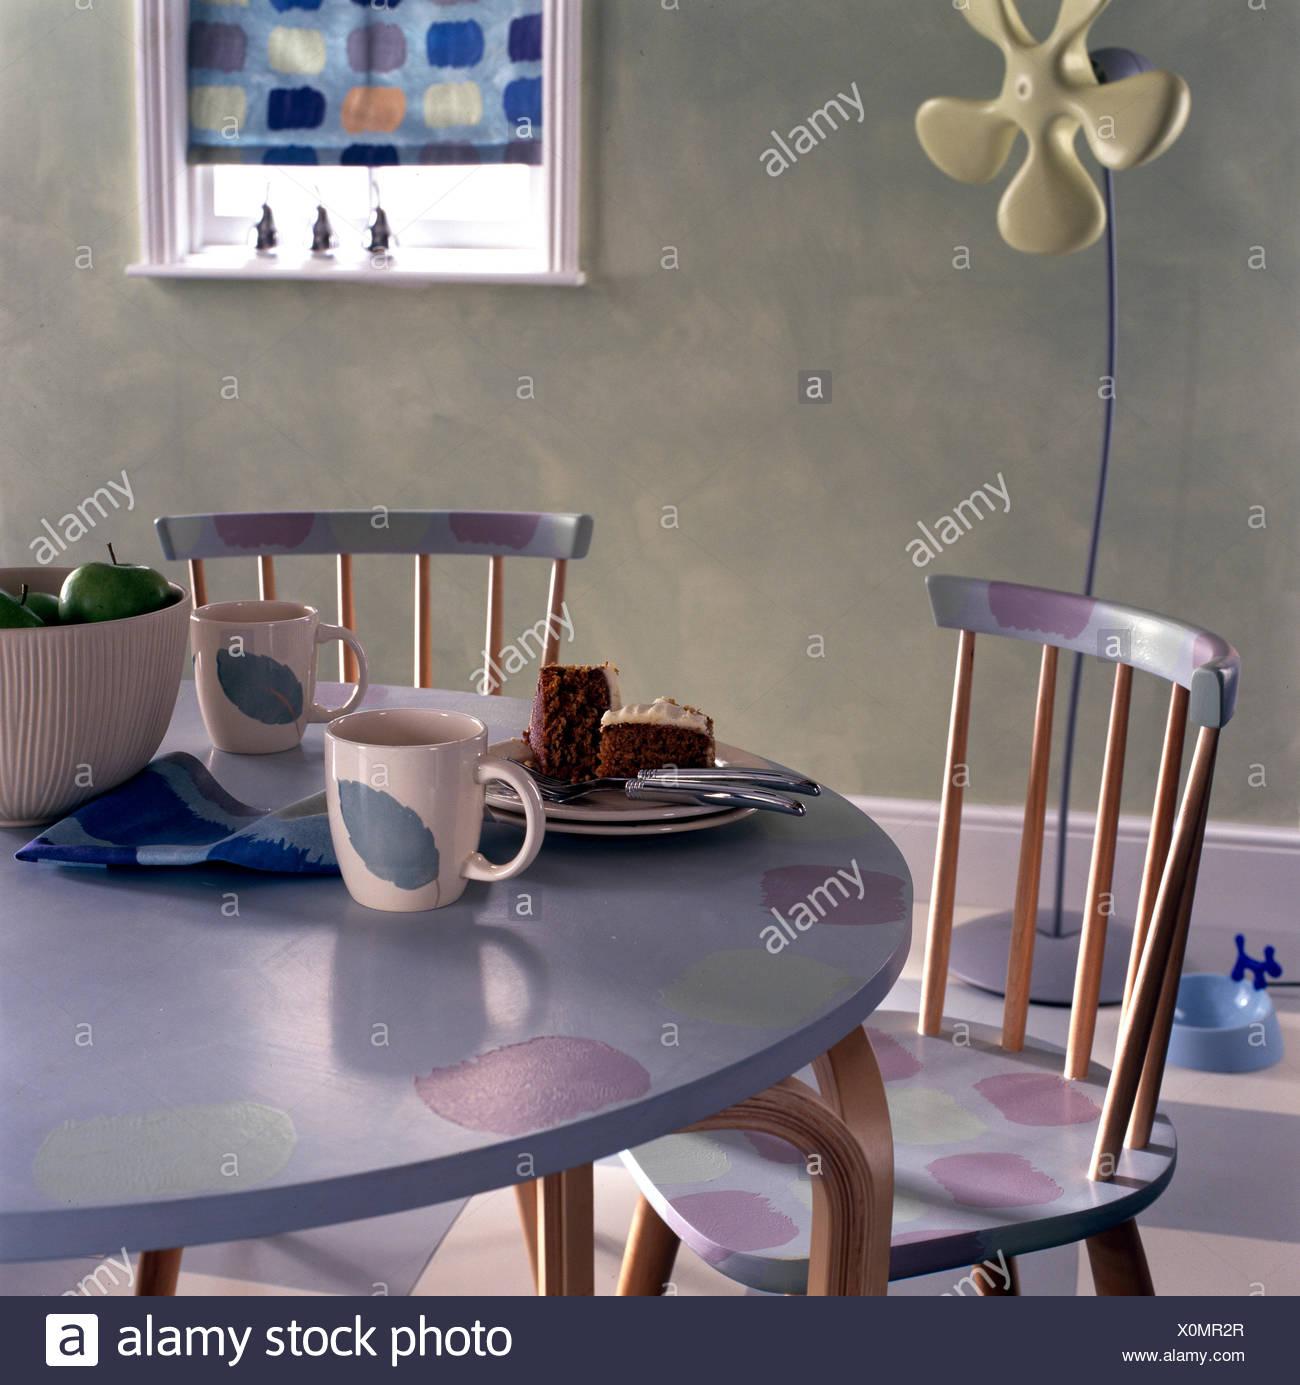 Einfach Tisch Und Stühle Mit Pastell Farbe Angepasst Stockfoto Bild